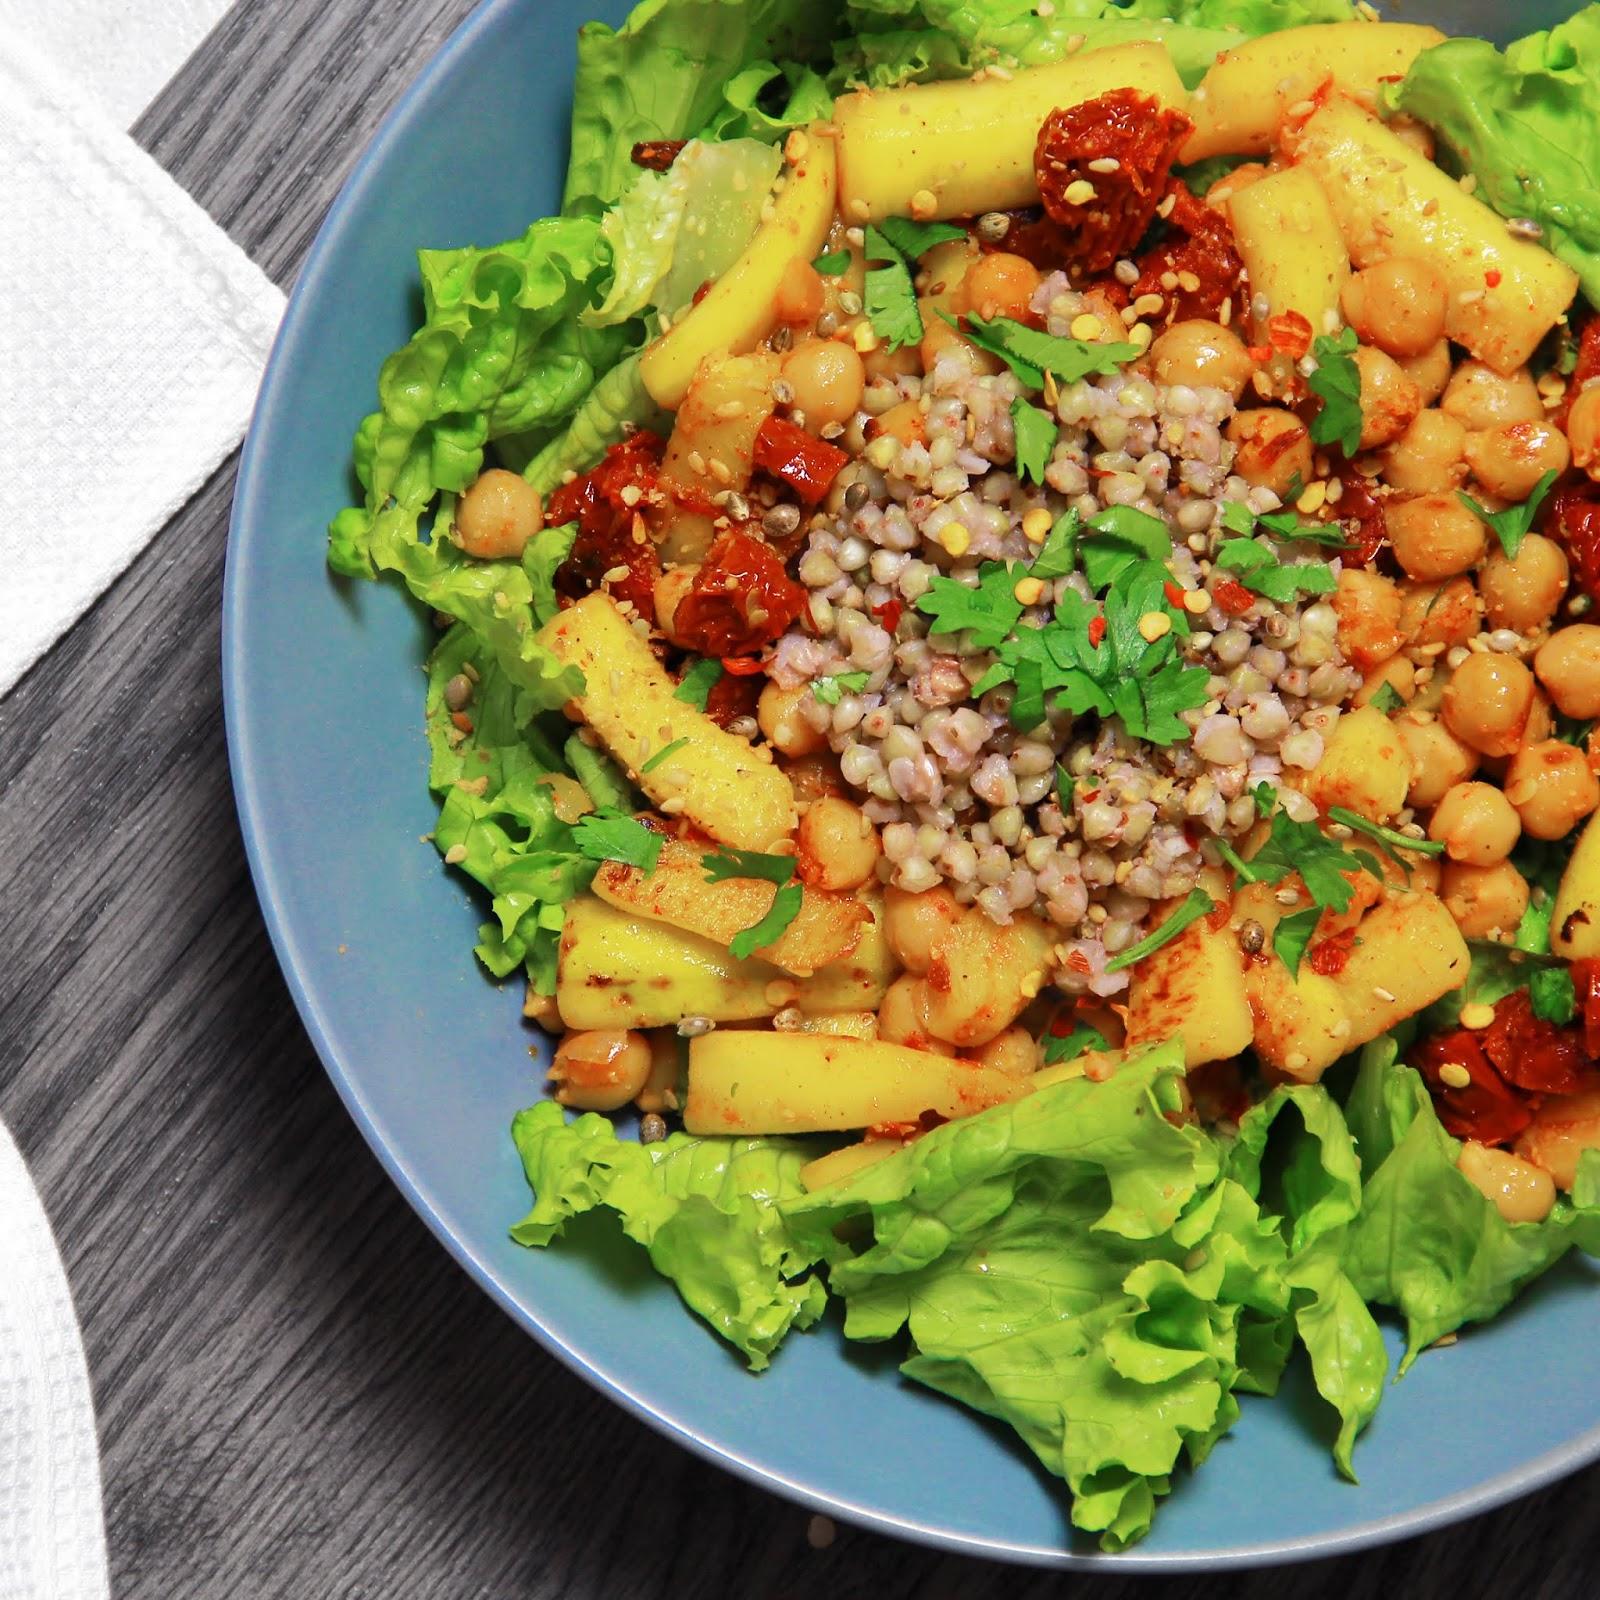 Salade de sarrasin, courgettes et pois chiches aux tomates séchées